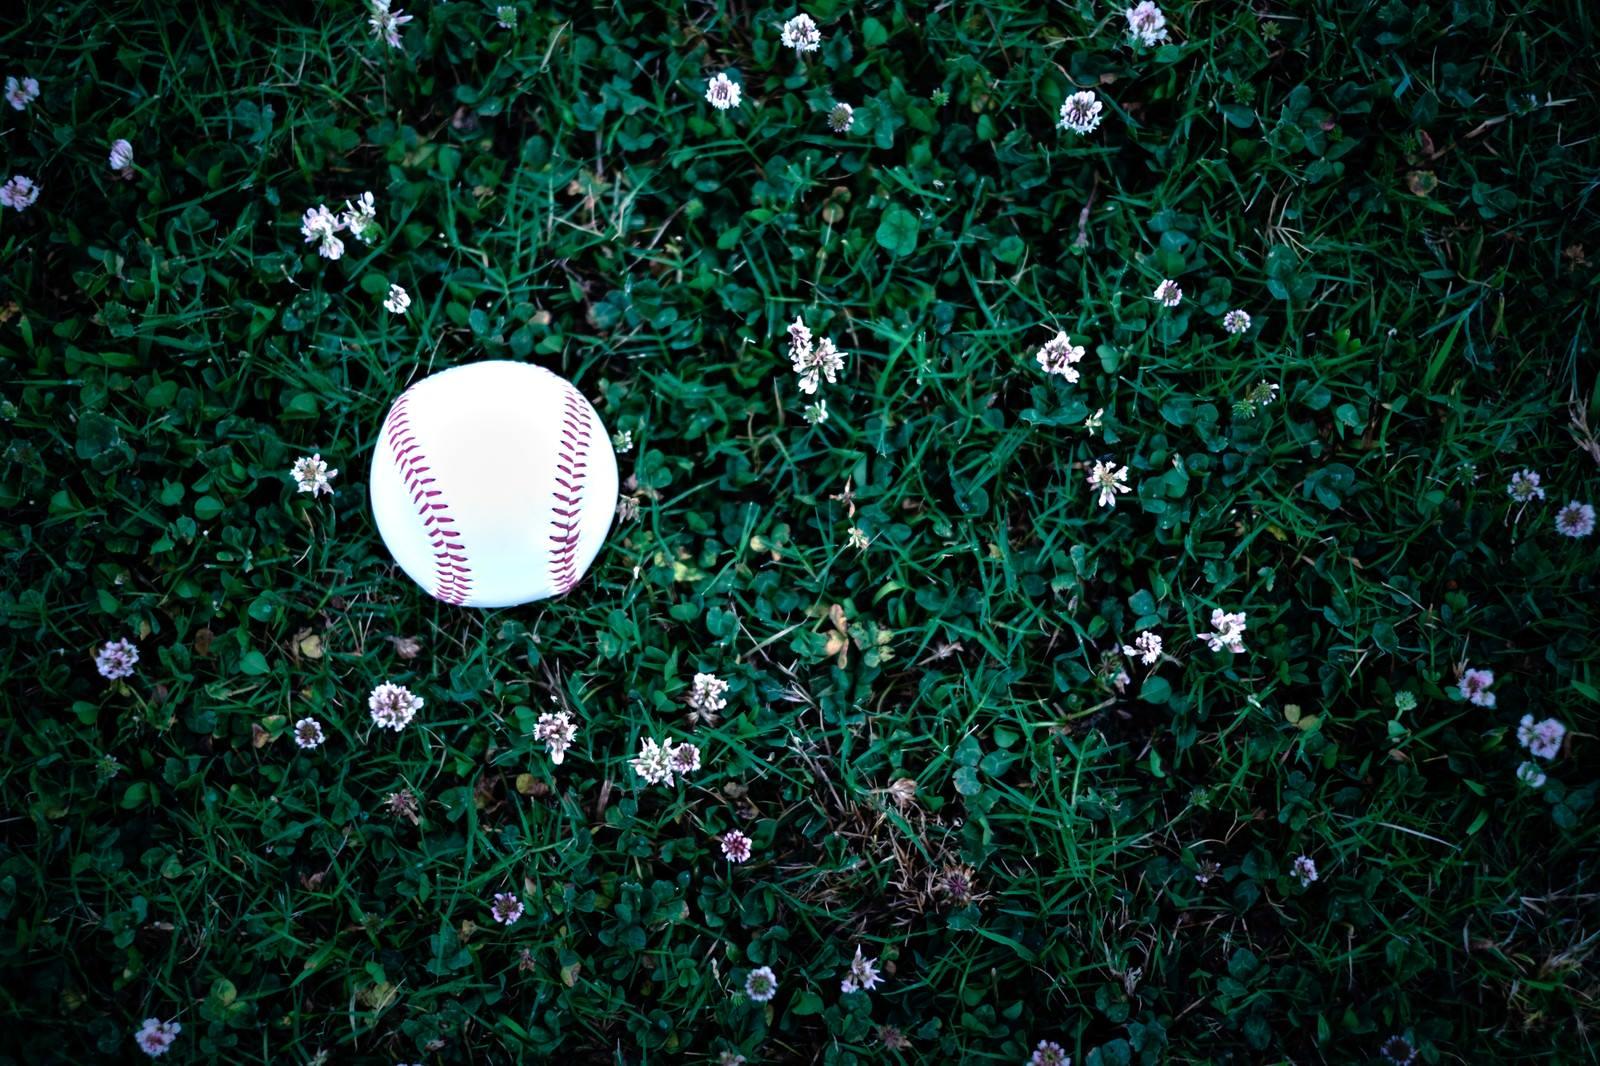 「野原に転が野球のボール」の写真